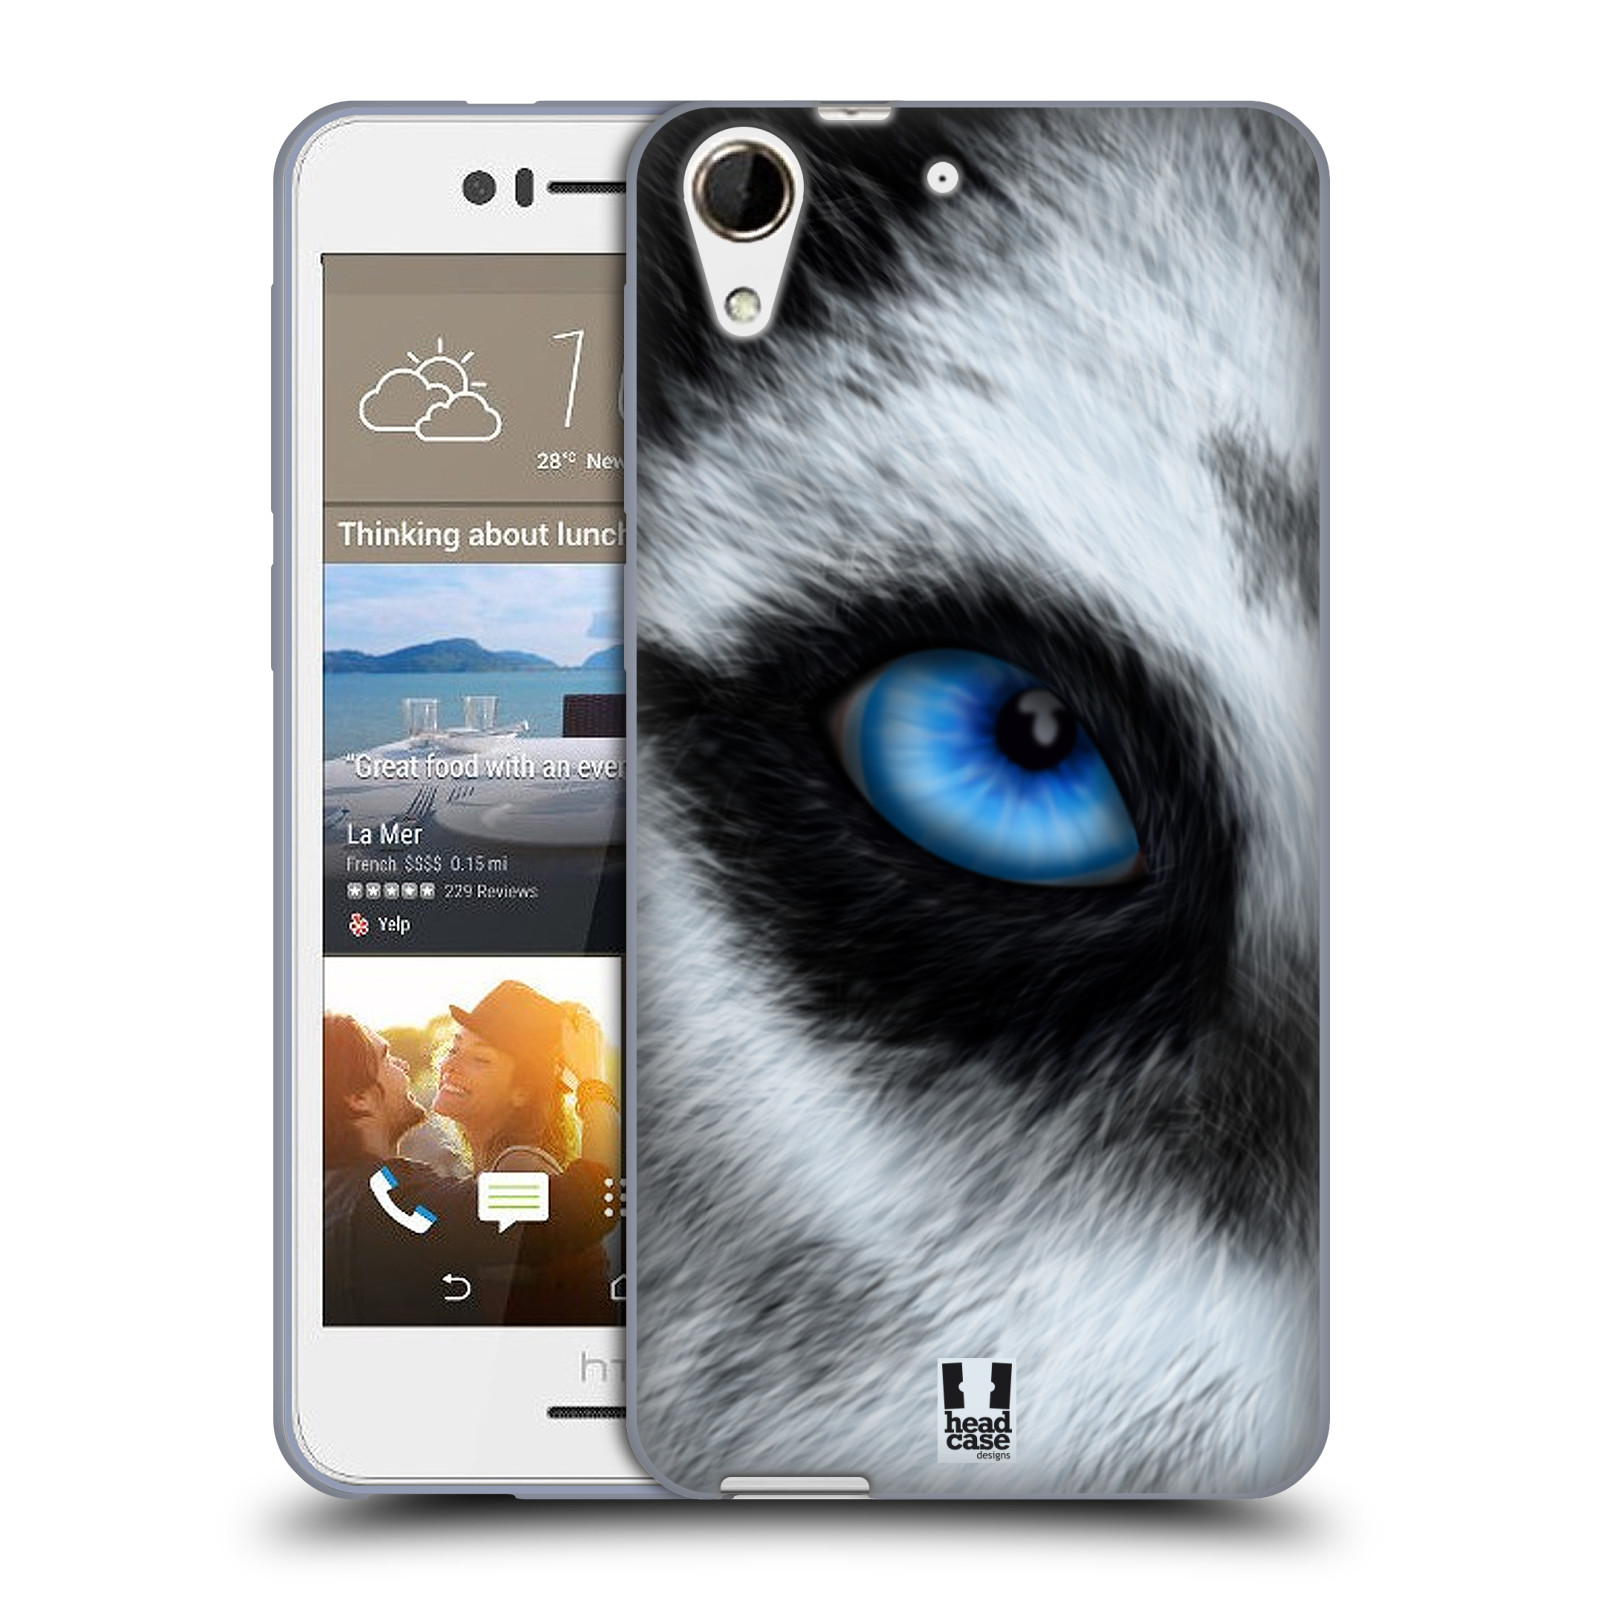 HEAD CASE silikonový obal na mobil HTC Desire 728 / HTC Desire 728G DUAL SIM vzor pohled zvířete oko pes husky